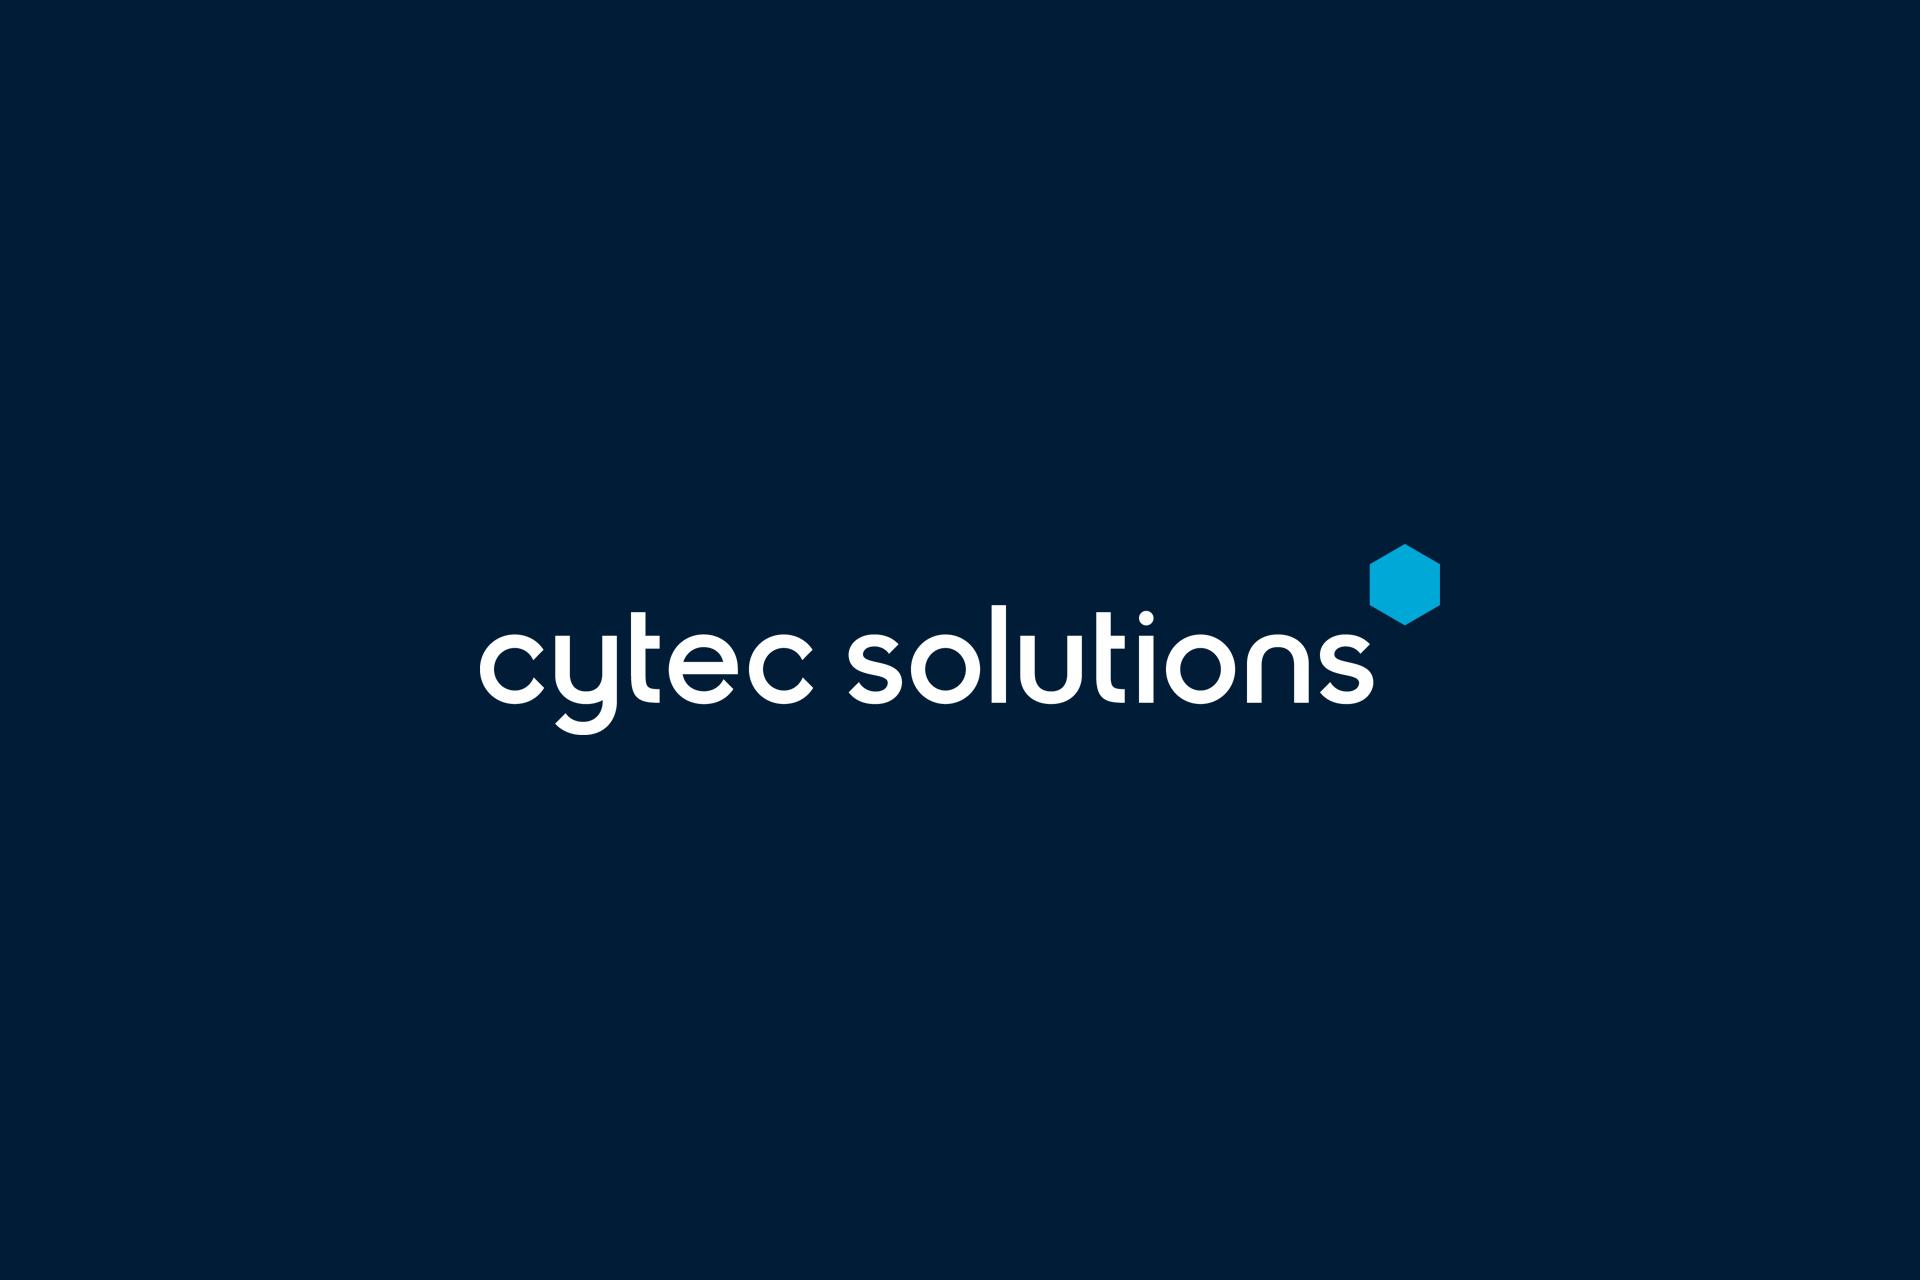 Cytec Solutions